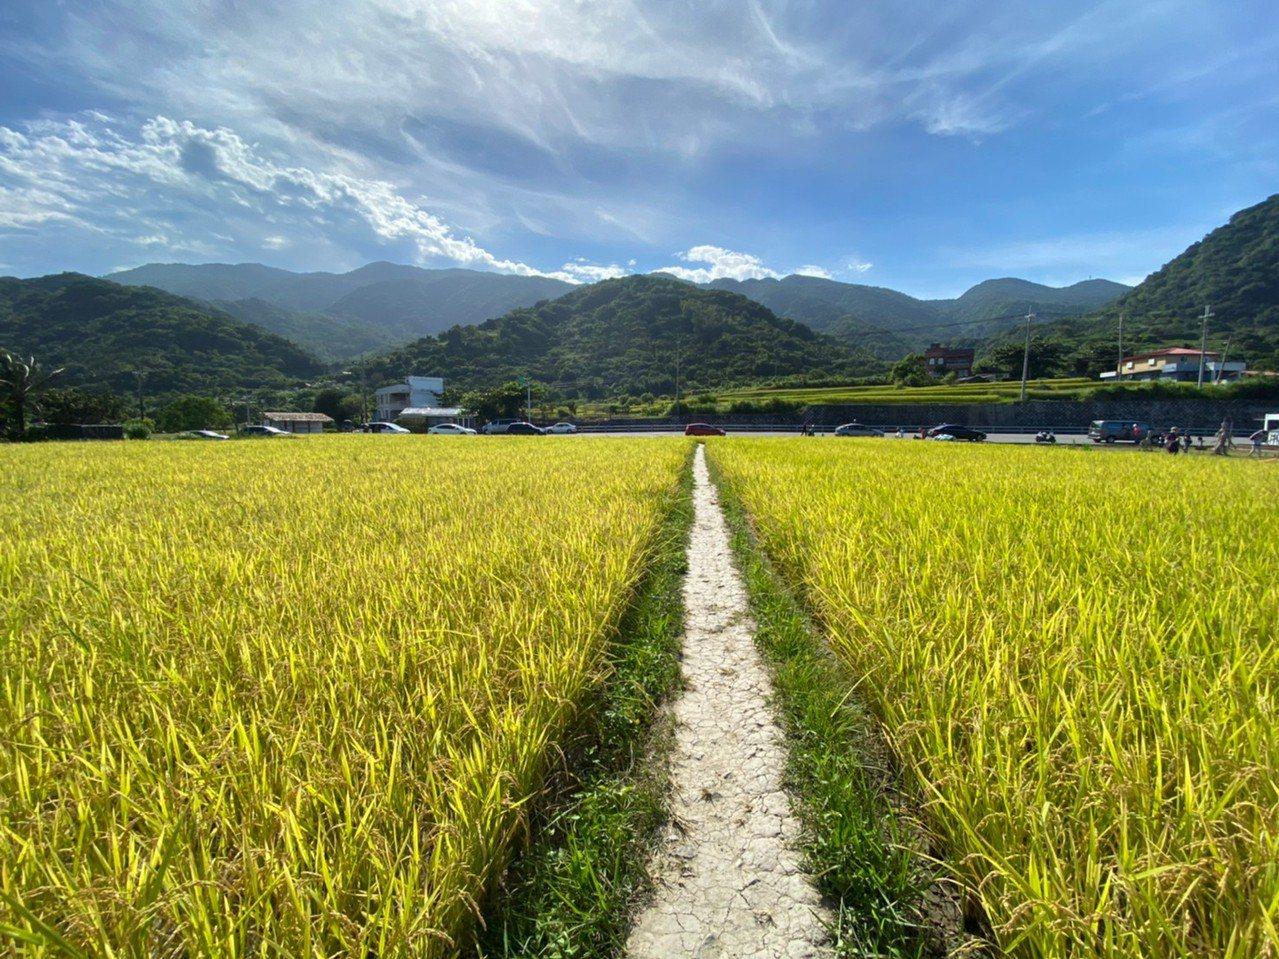 花蓮豐濱鄉路邊有金黃稻田,只要不破壞稻穀,就可欣賞青山相襯的稻浪。 圖/王思慧 ...